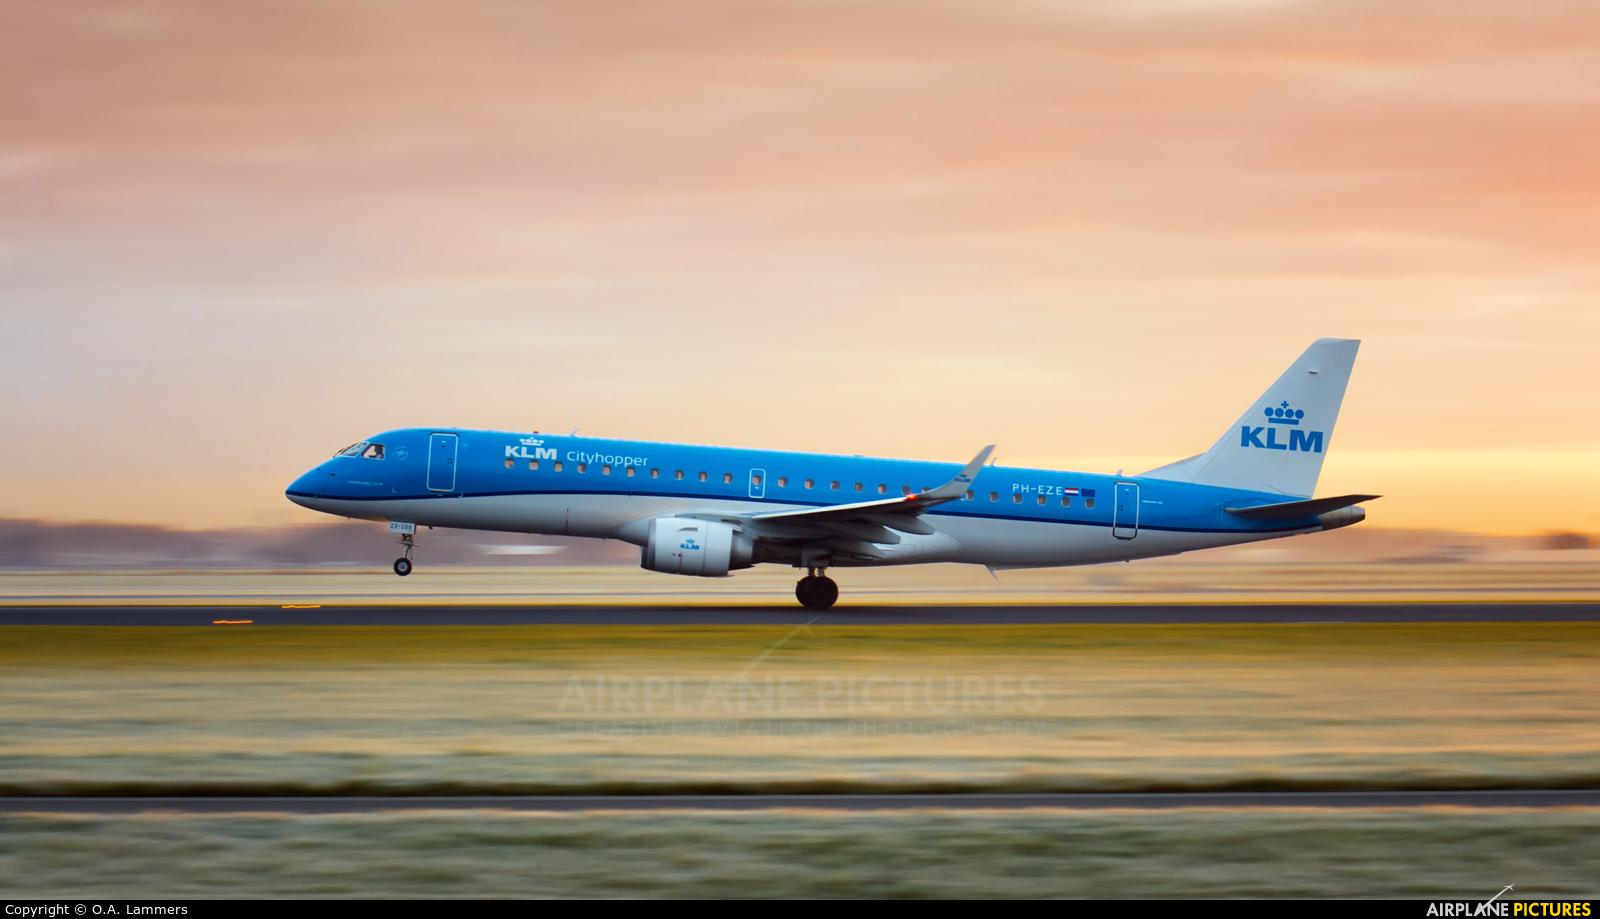 KLM Cityhopper PH-EZE aircraft at Amsterdam - Schiphol